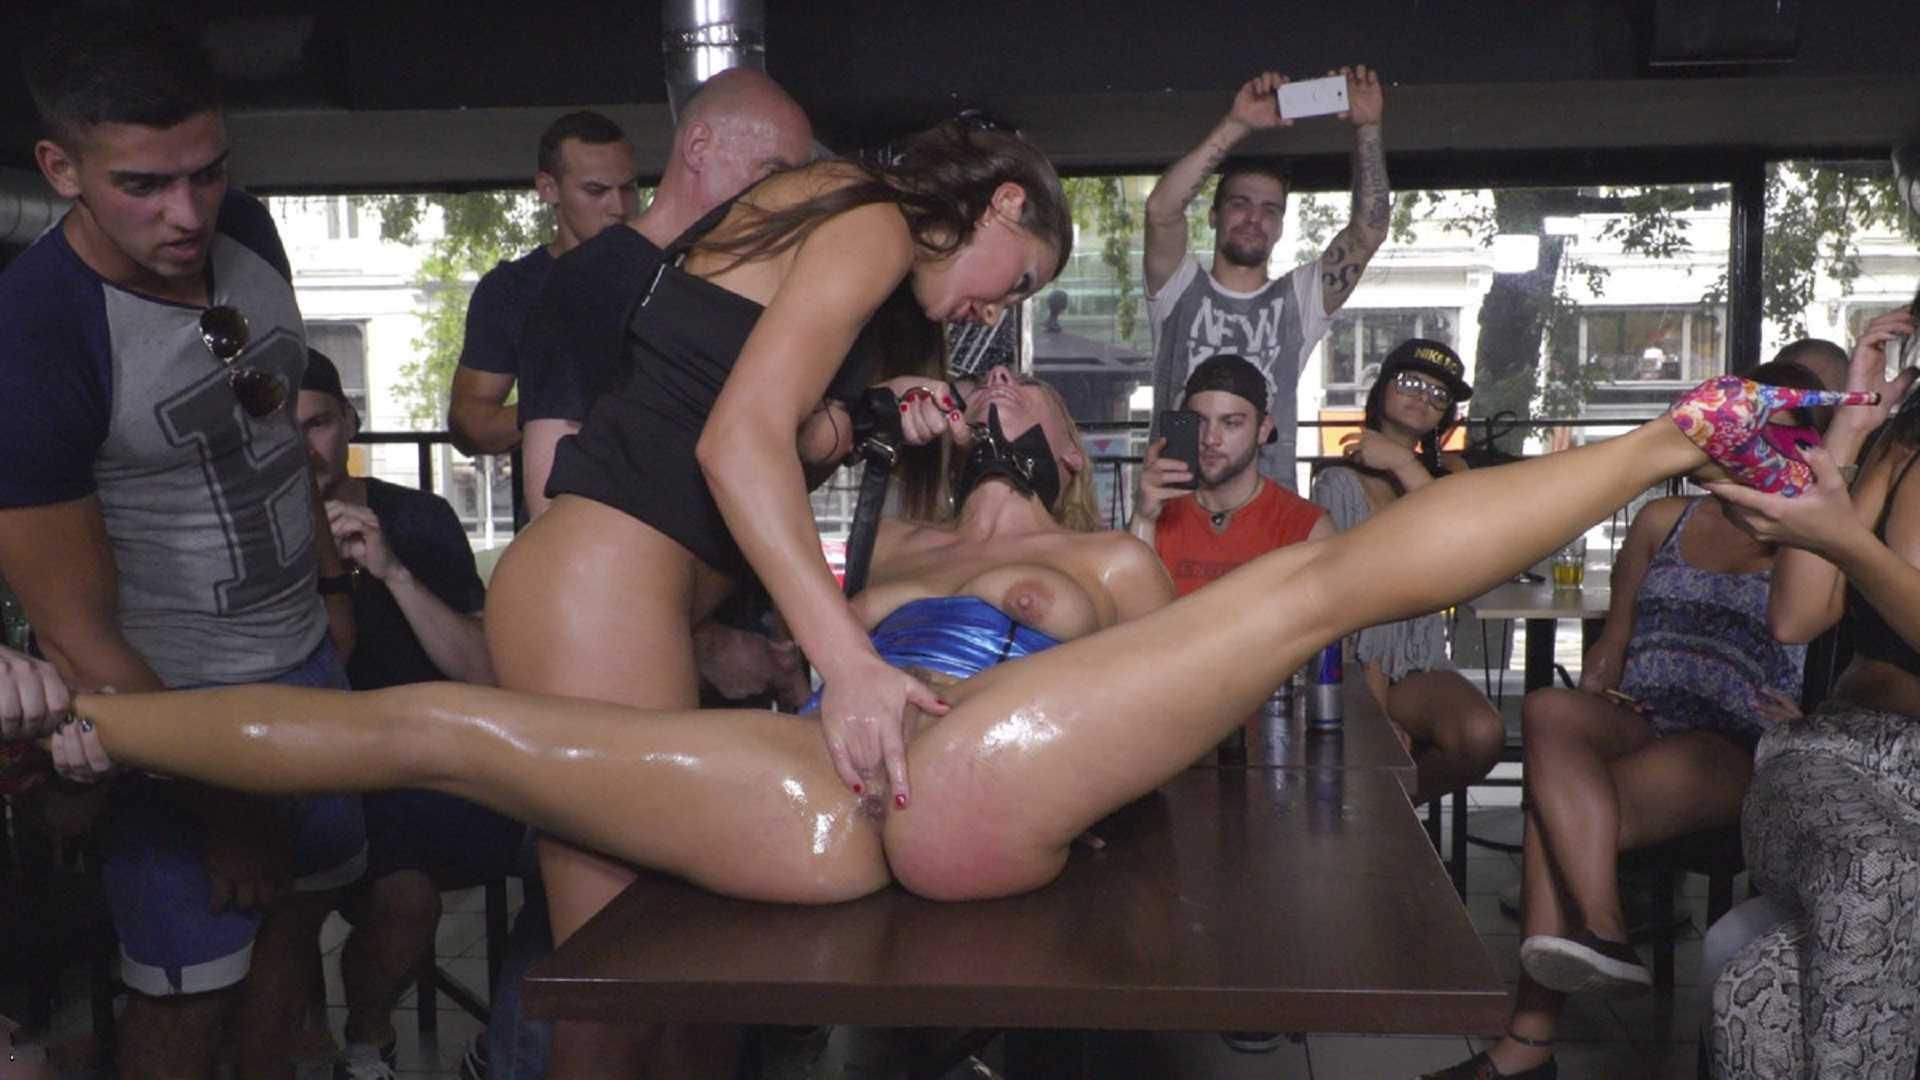 Ролики с publicdisgrace, Видеозаписи Public Disgrace Porno - Привселюдное 27 фотография